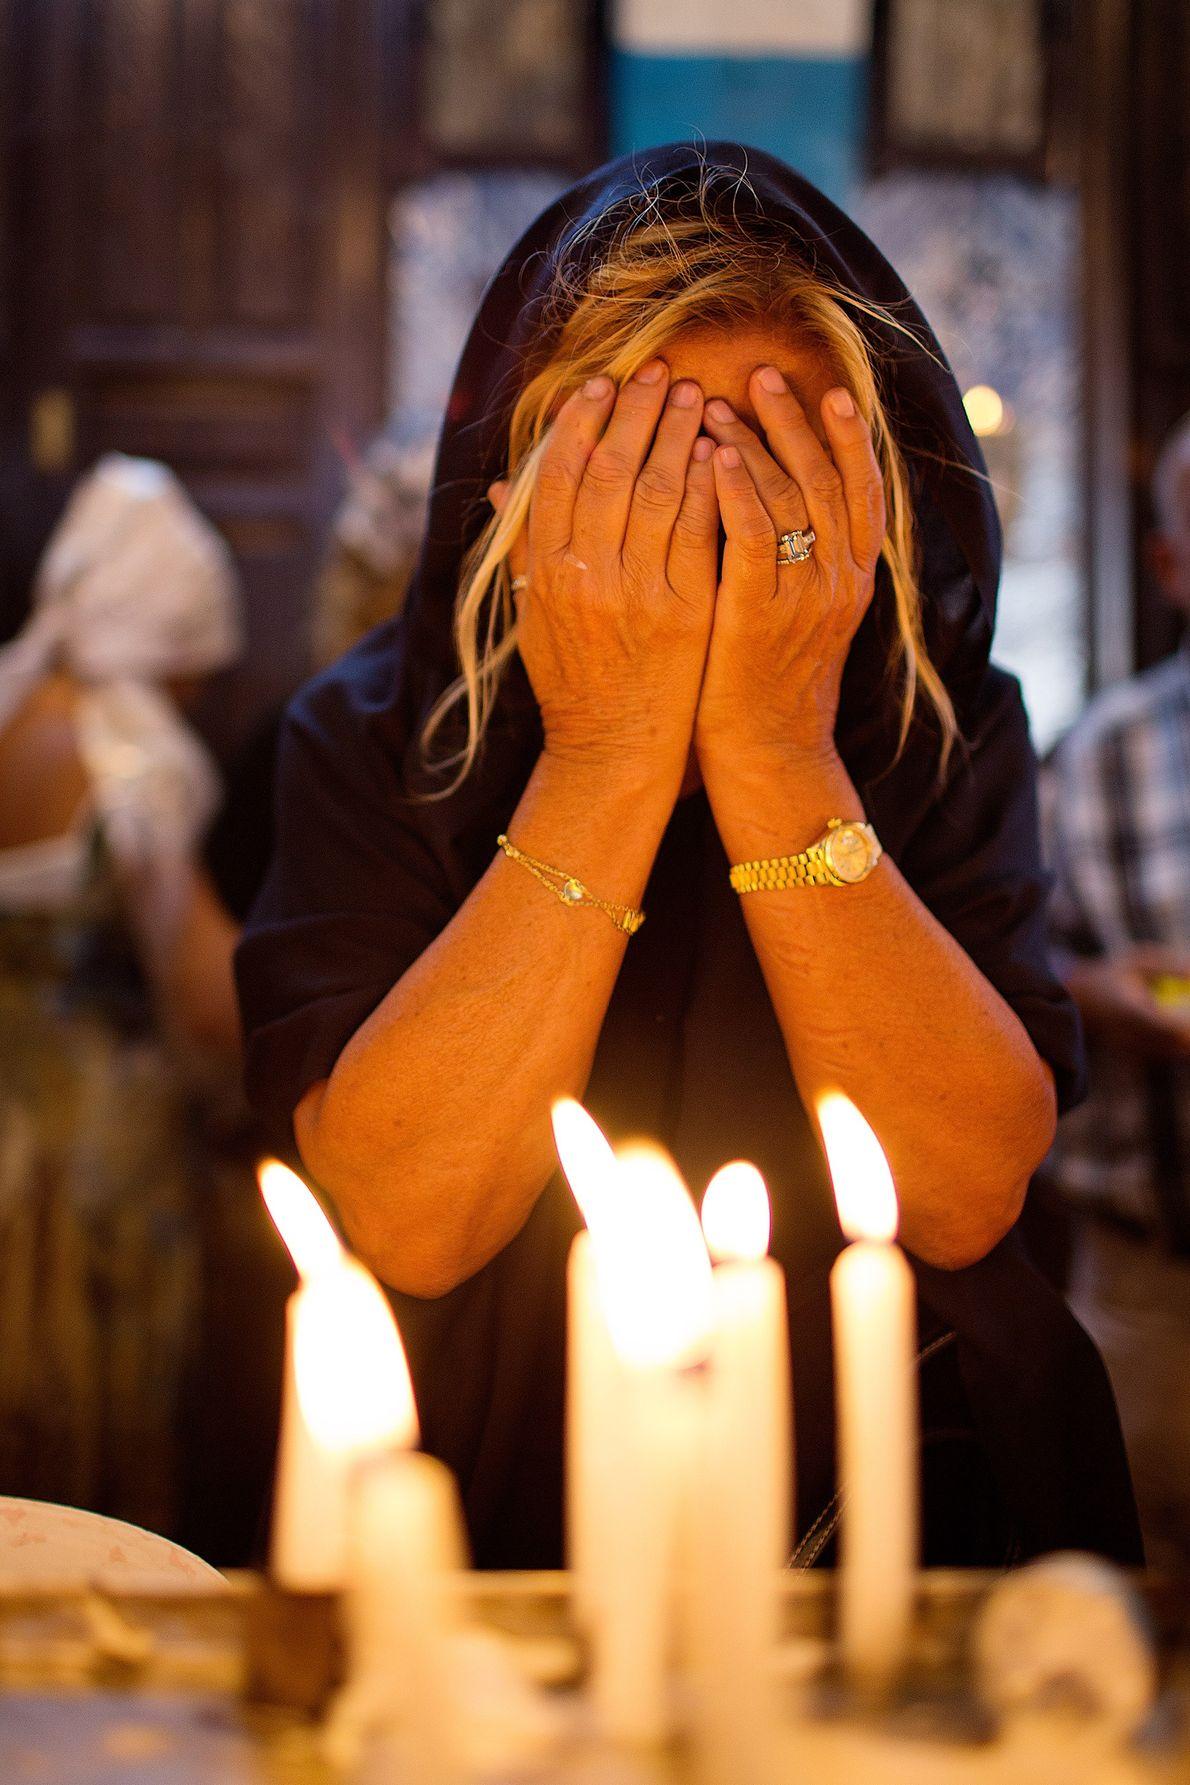 Trauernde Frau vor Kerzen